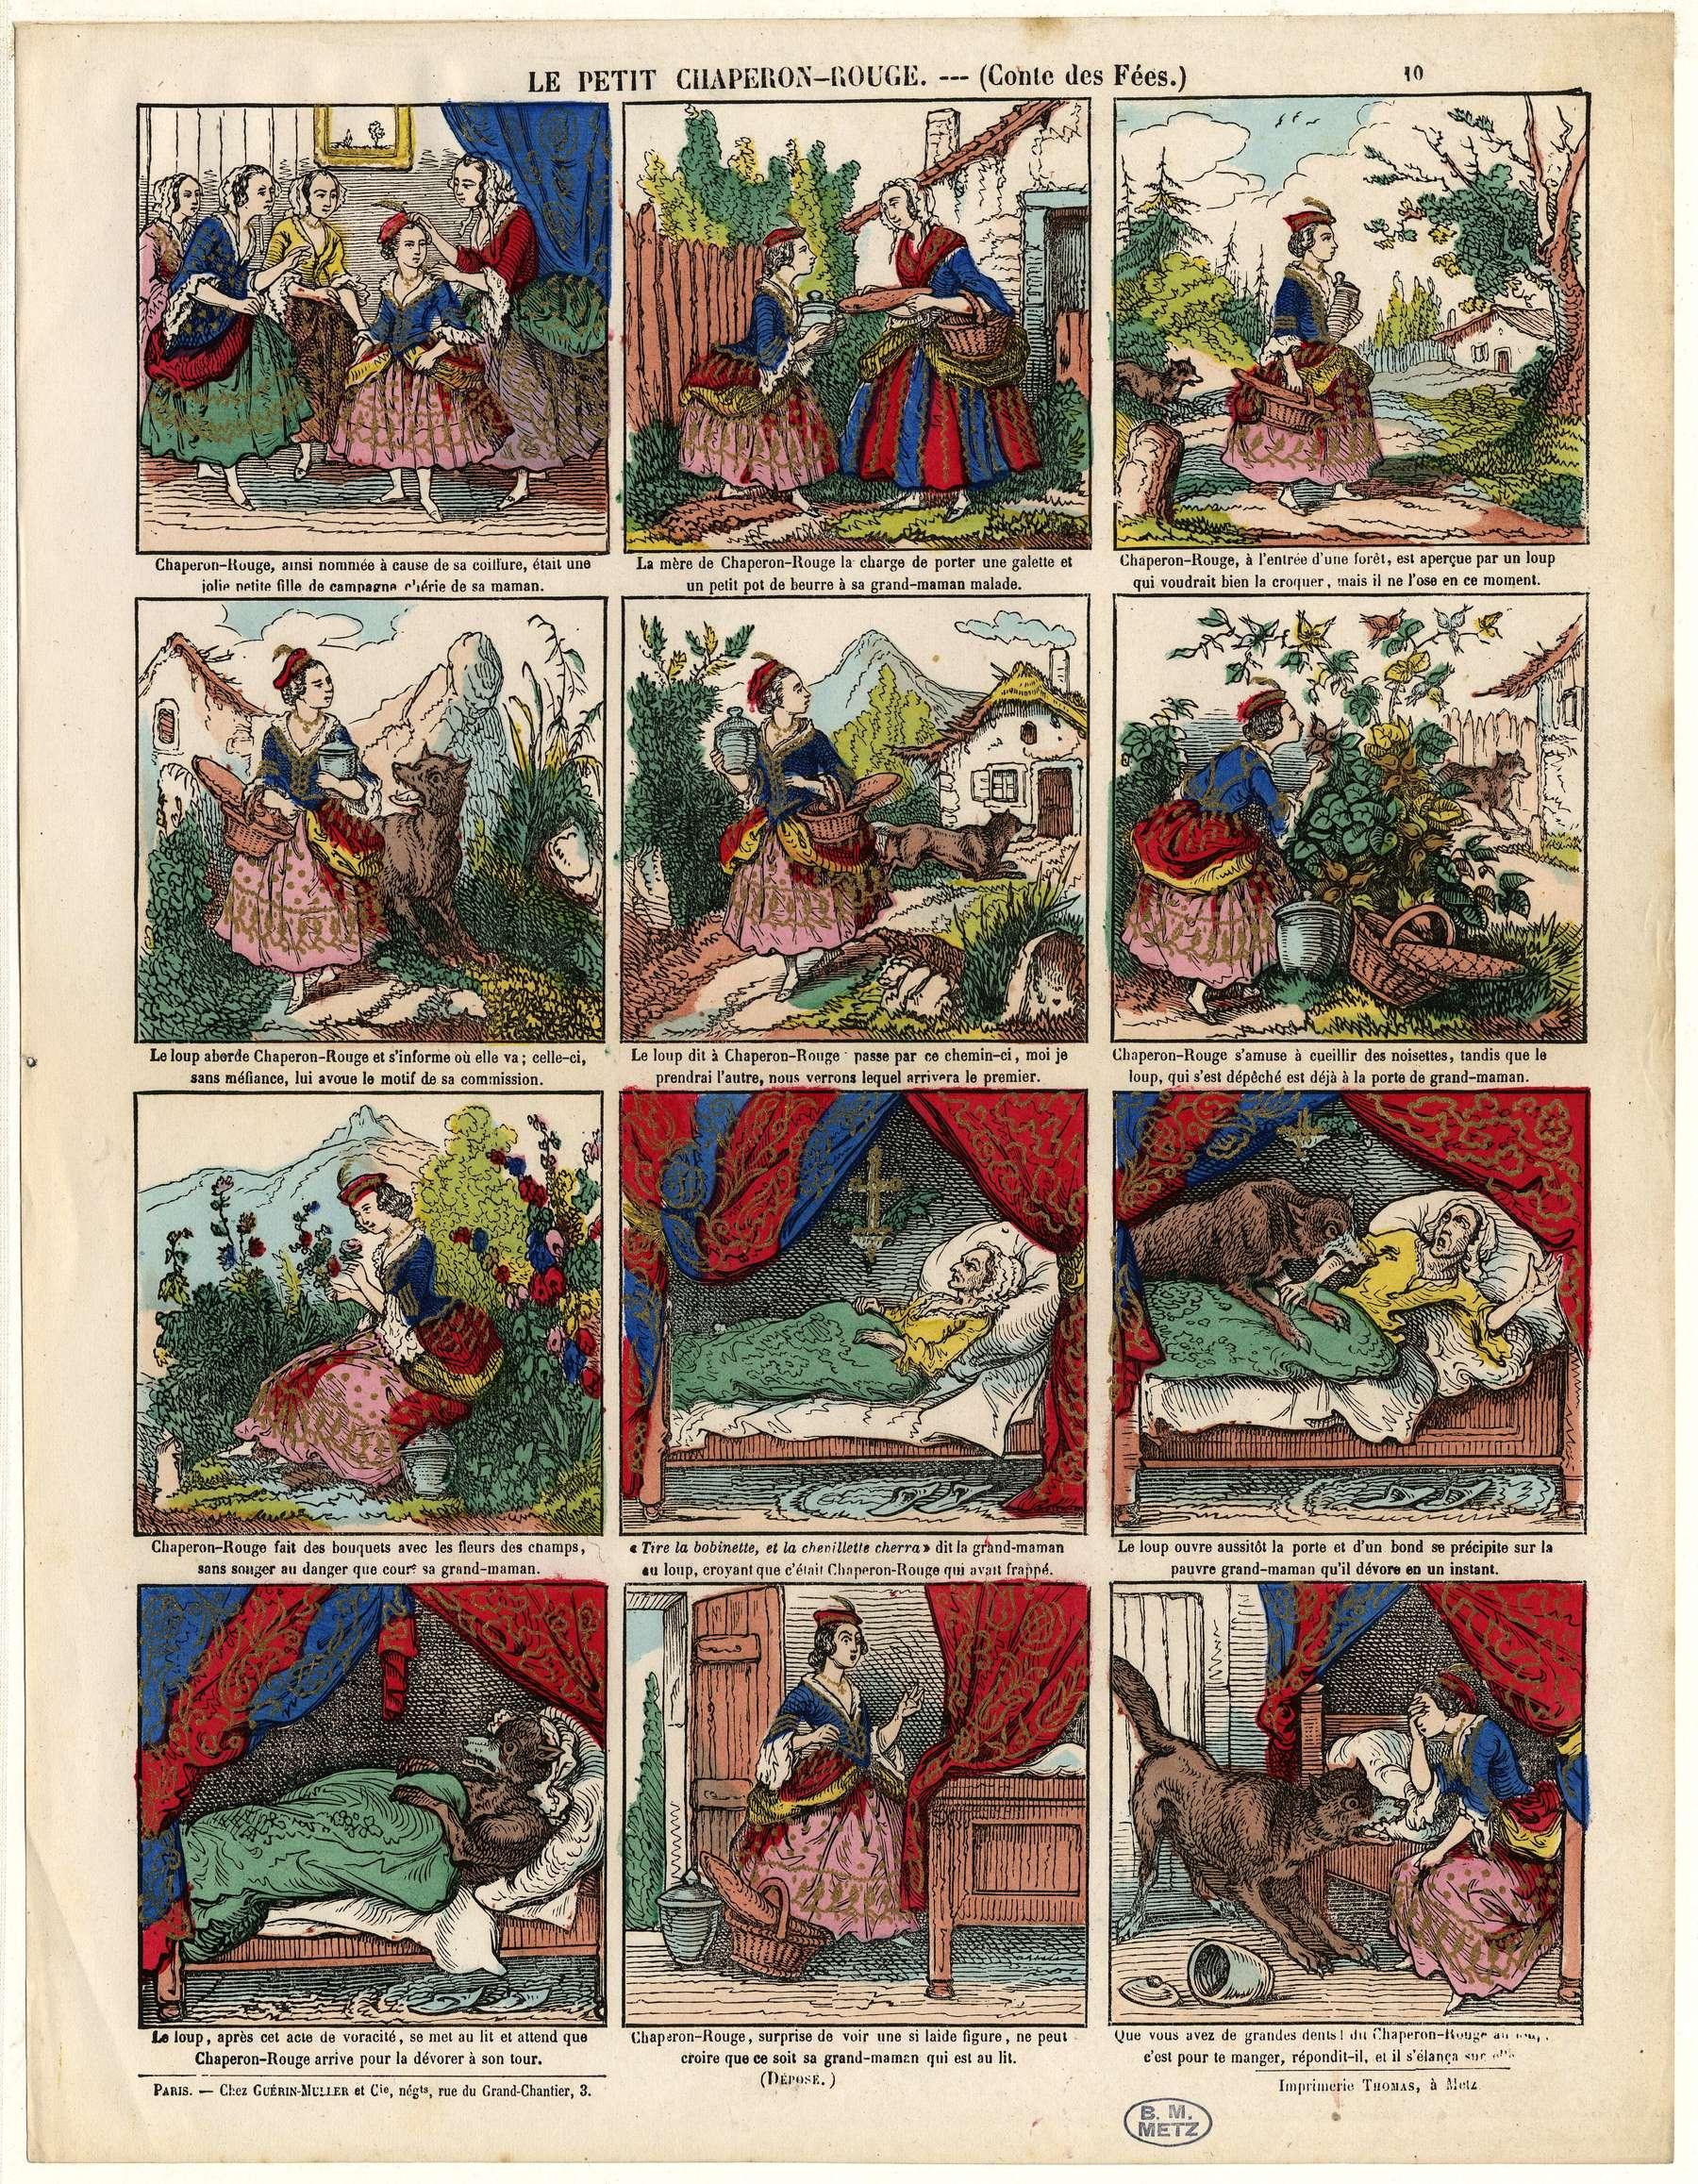 Contenu du Imagerie populaire - Le Petit Chaperon rouge : conte des fées